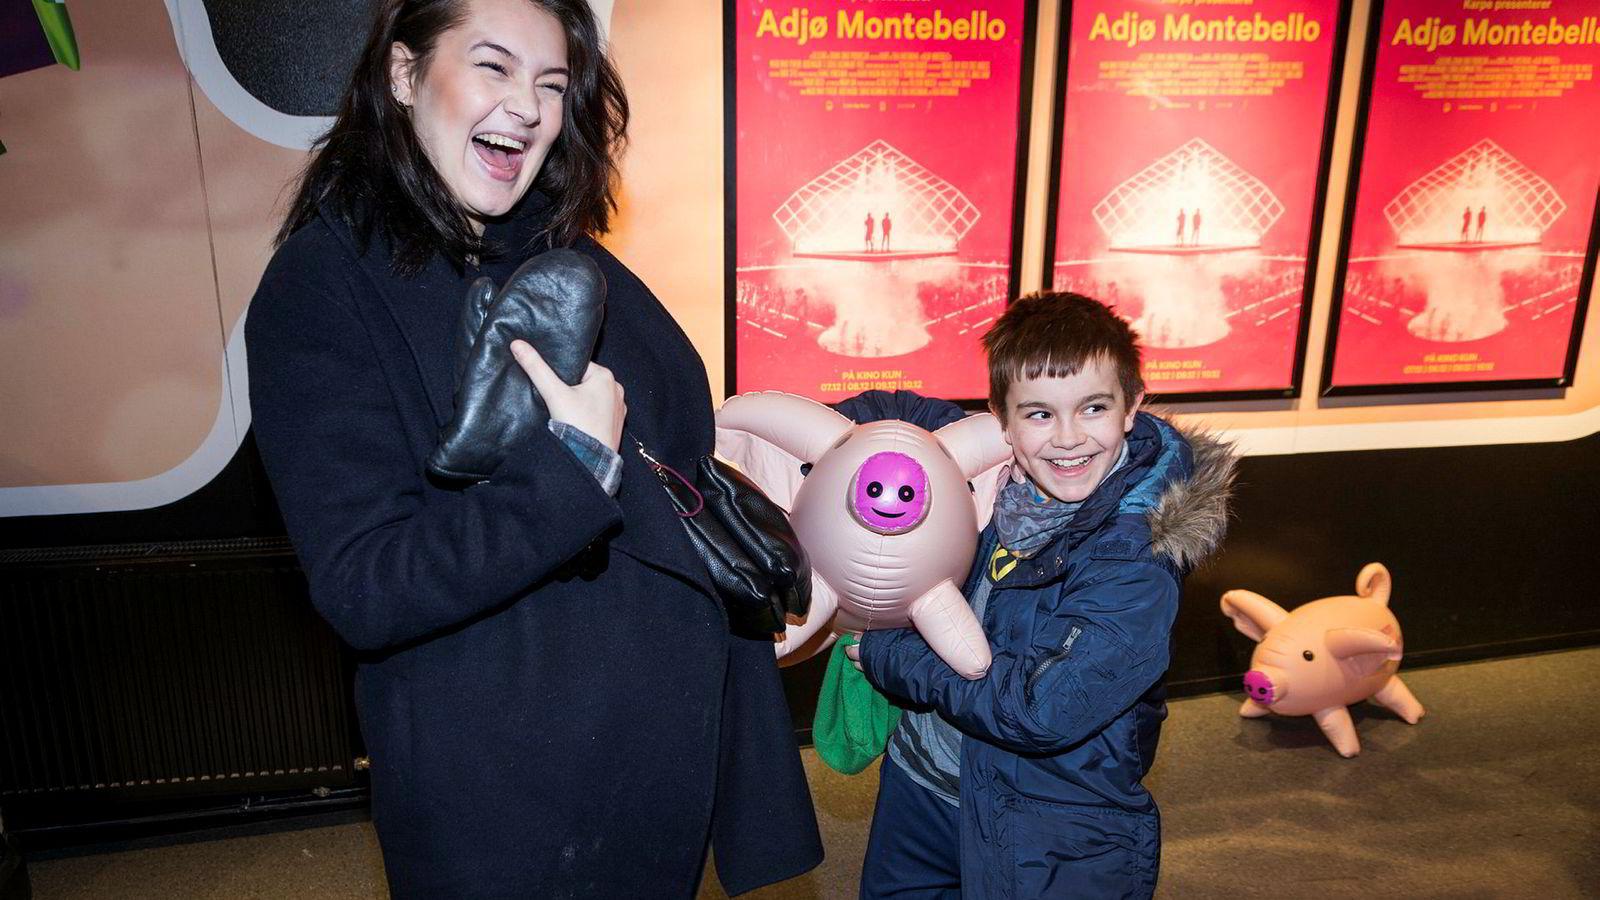 Mariam Jensen Saifi (19) og lillebror Yousef Mokhtar (10) så den første visningen av Karpe Diems «Adjø Montebello» på Ringen kino. Yousef fikk med seg en av de mange oppblåsbare grisene som sto utenfor kinosalen som et minne.